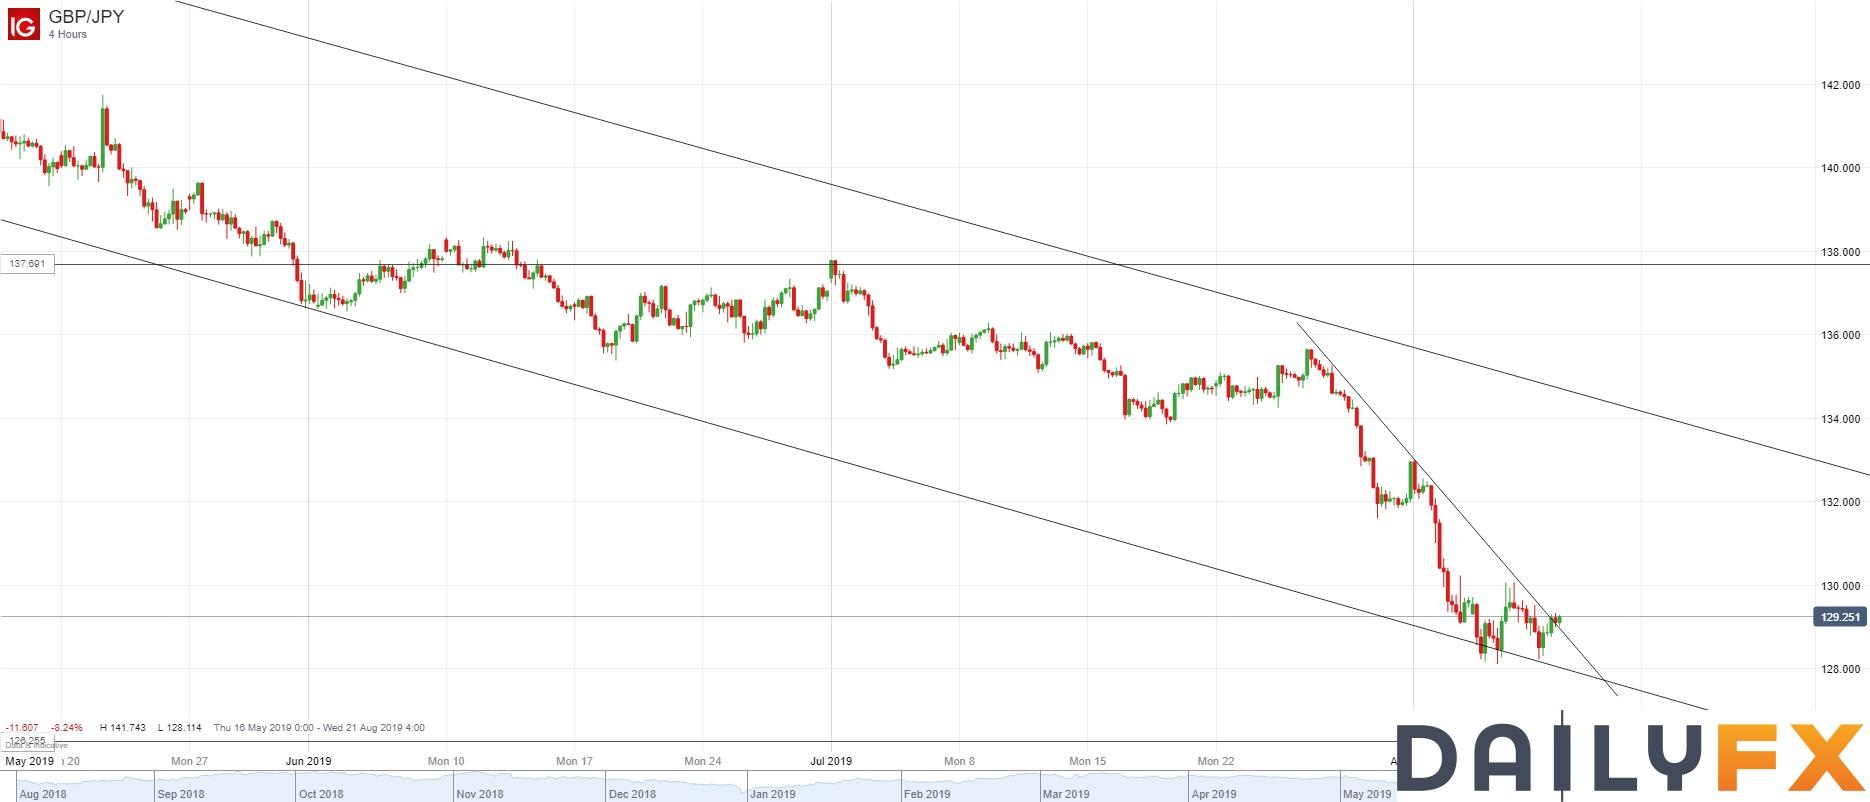 英镑/日元技术分析:4小时图暂时在128.20持稳